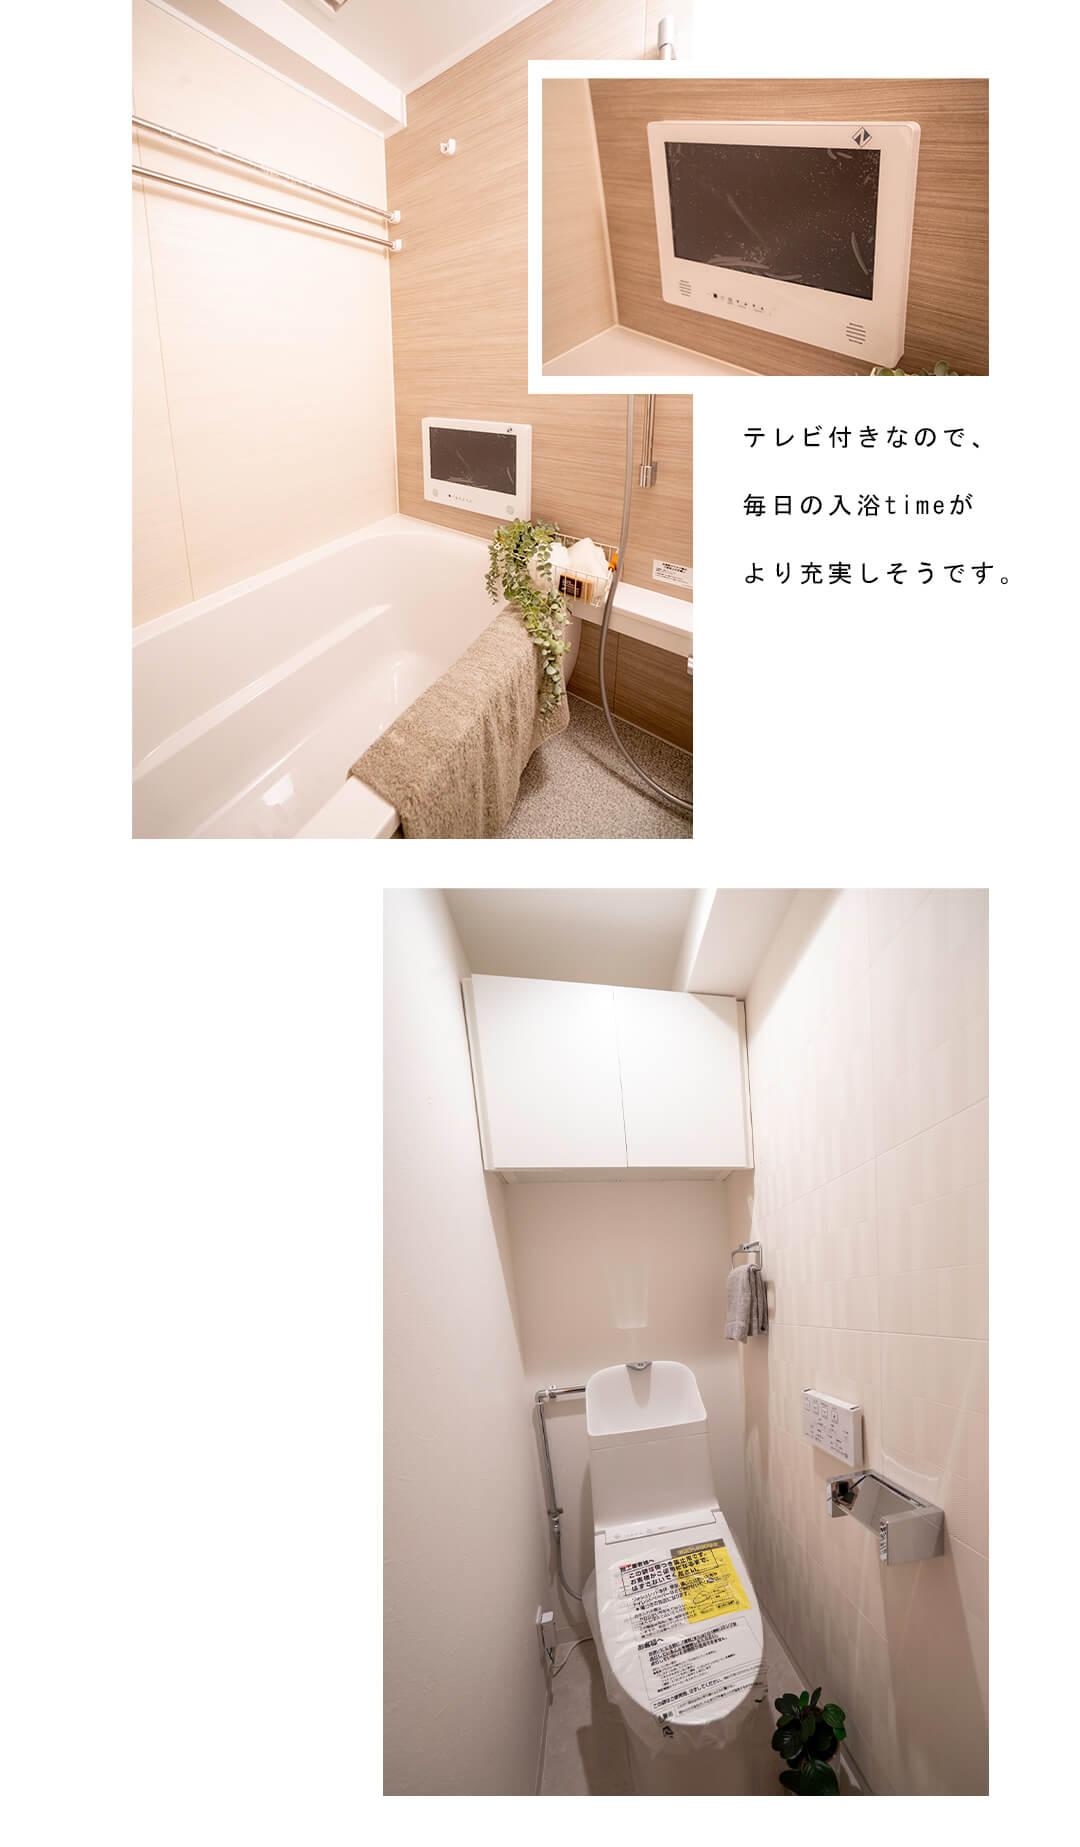 麻布狸穴ナショナルコートの浴室とトイレ